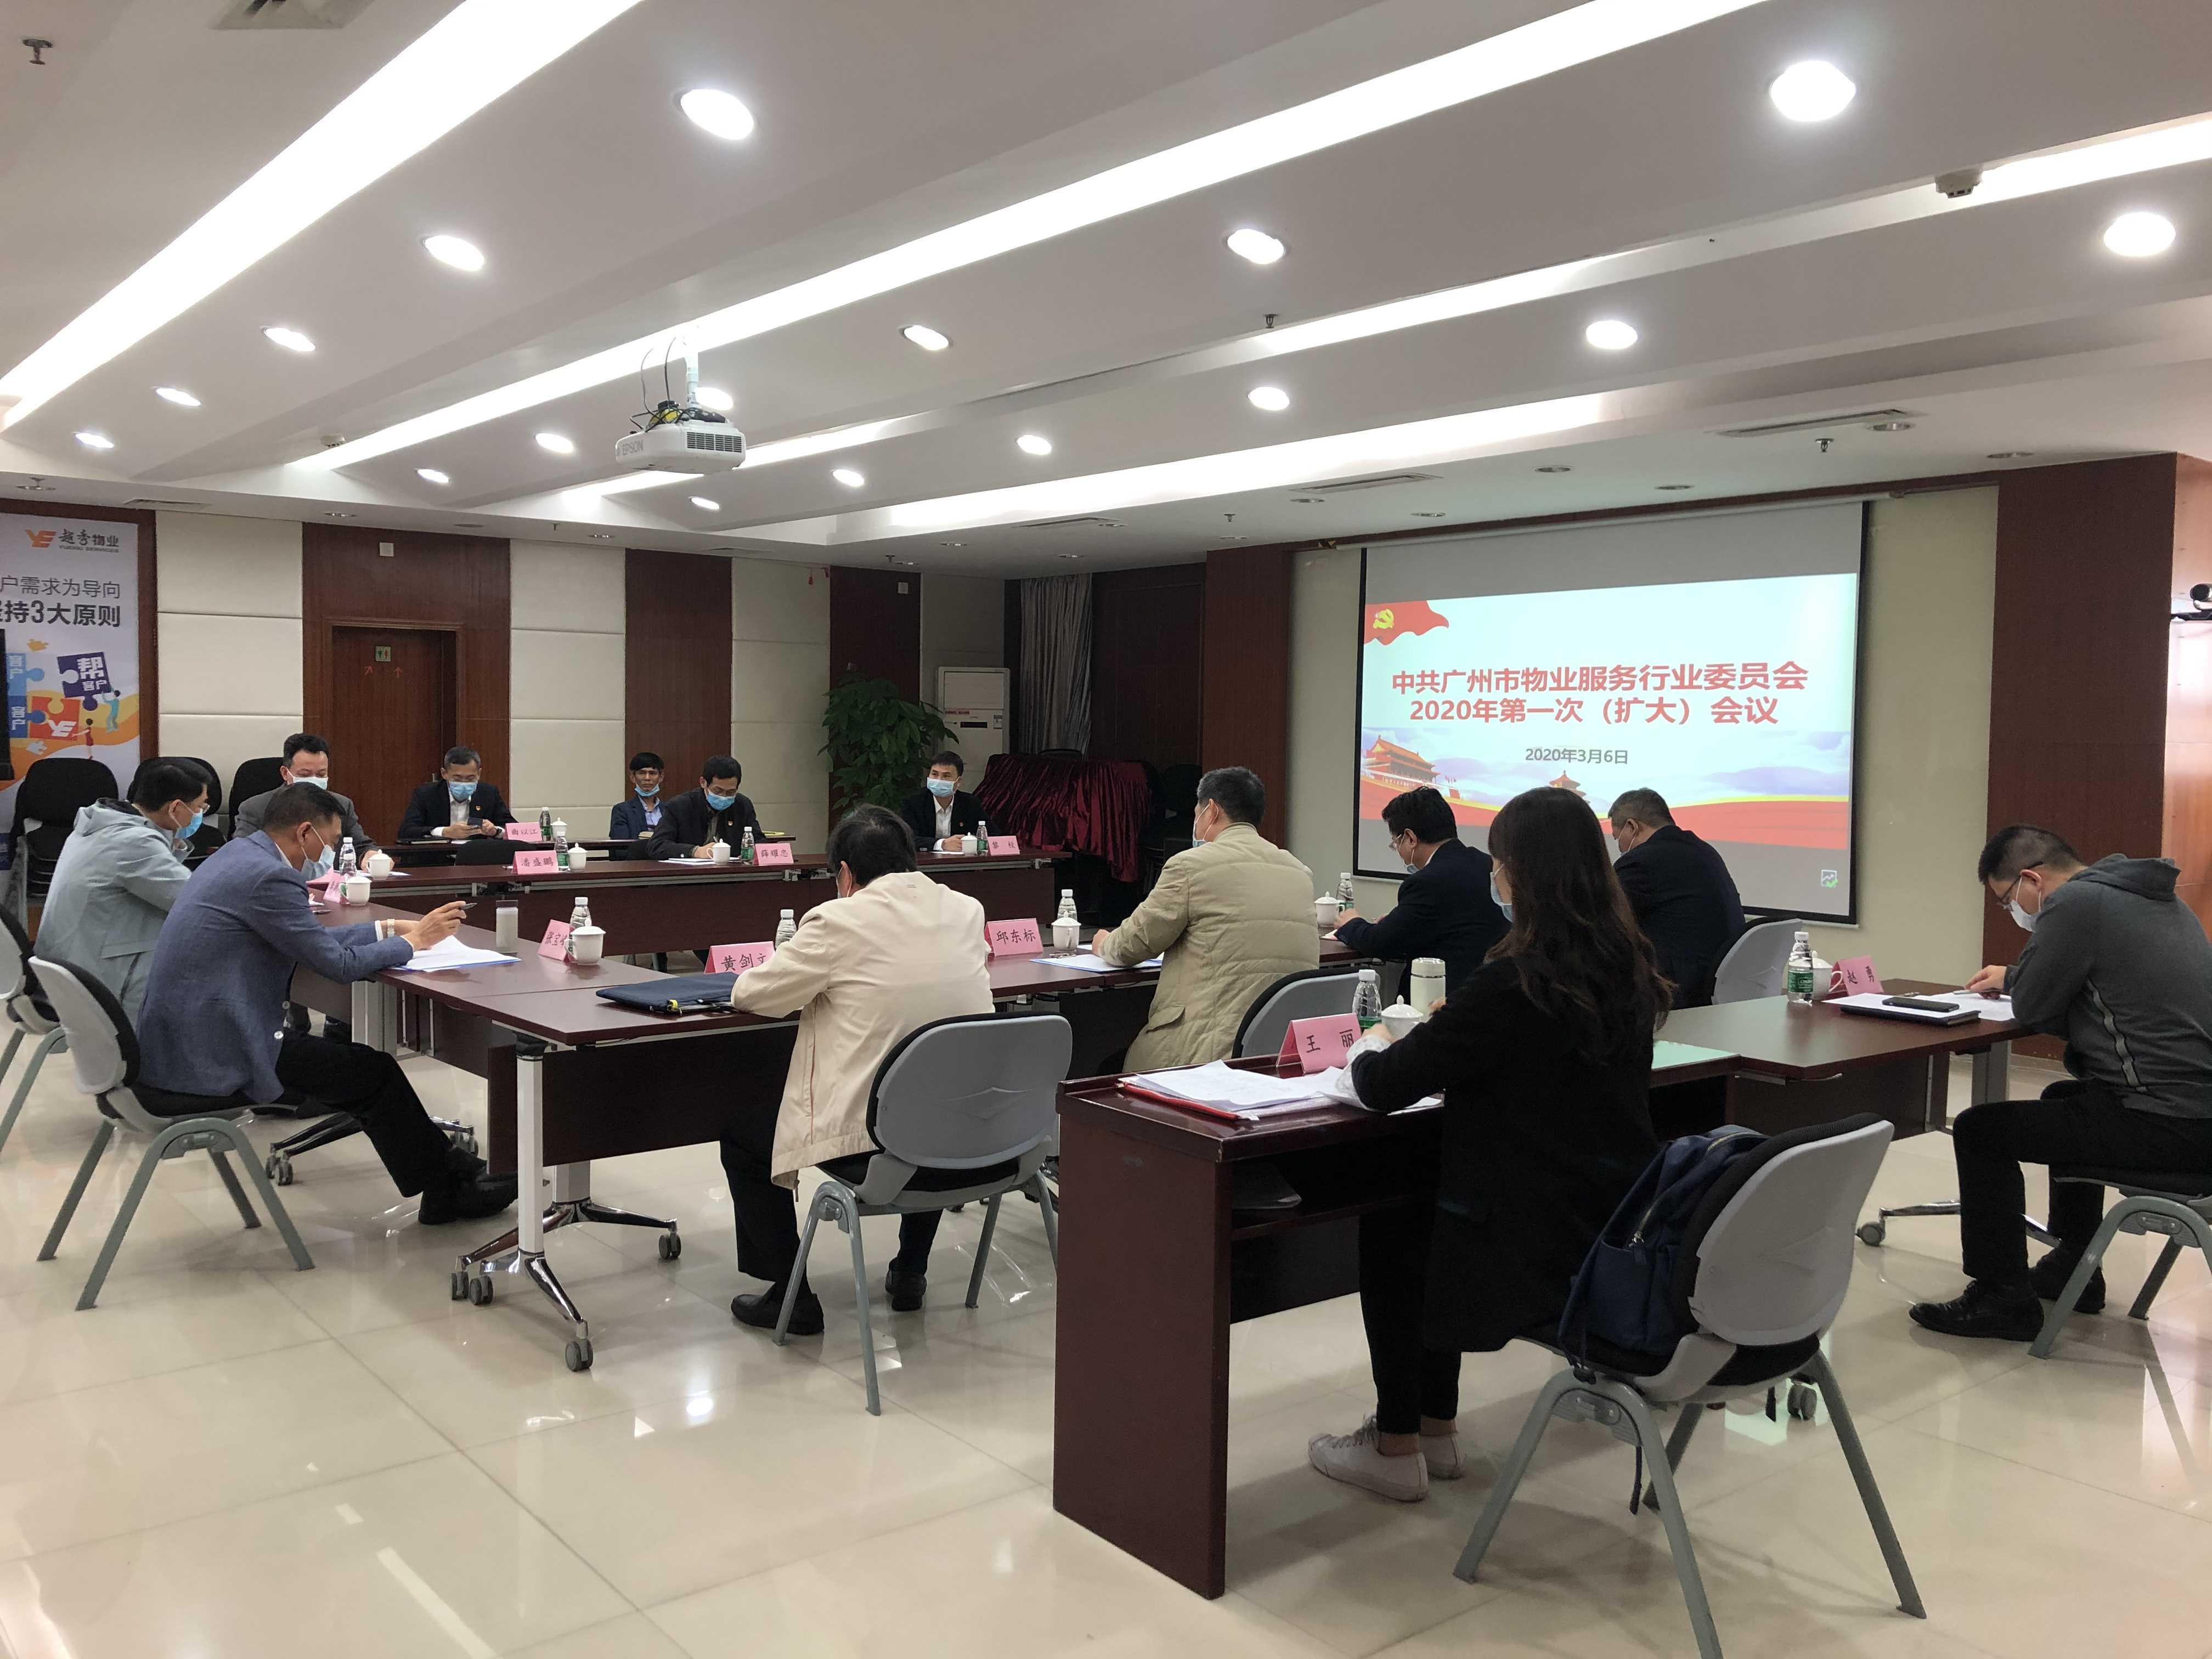 中共广州市物业服务行业委员会召开2020年第一次(扩大)会议